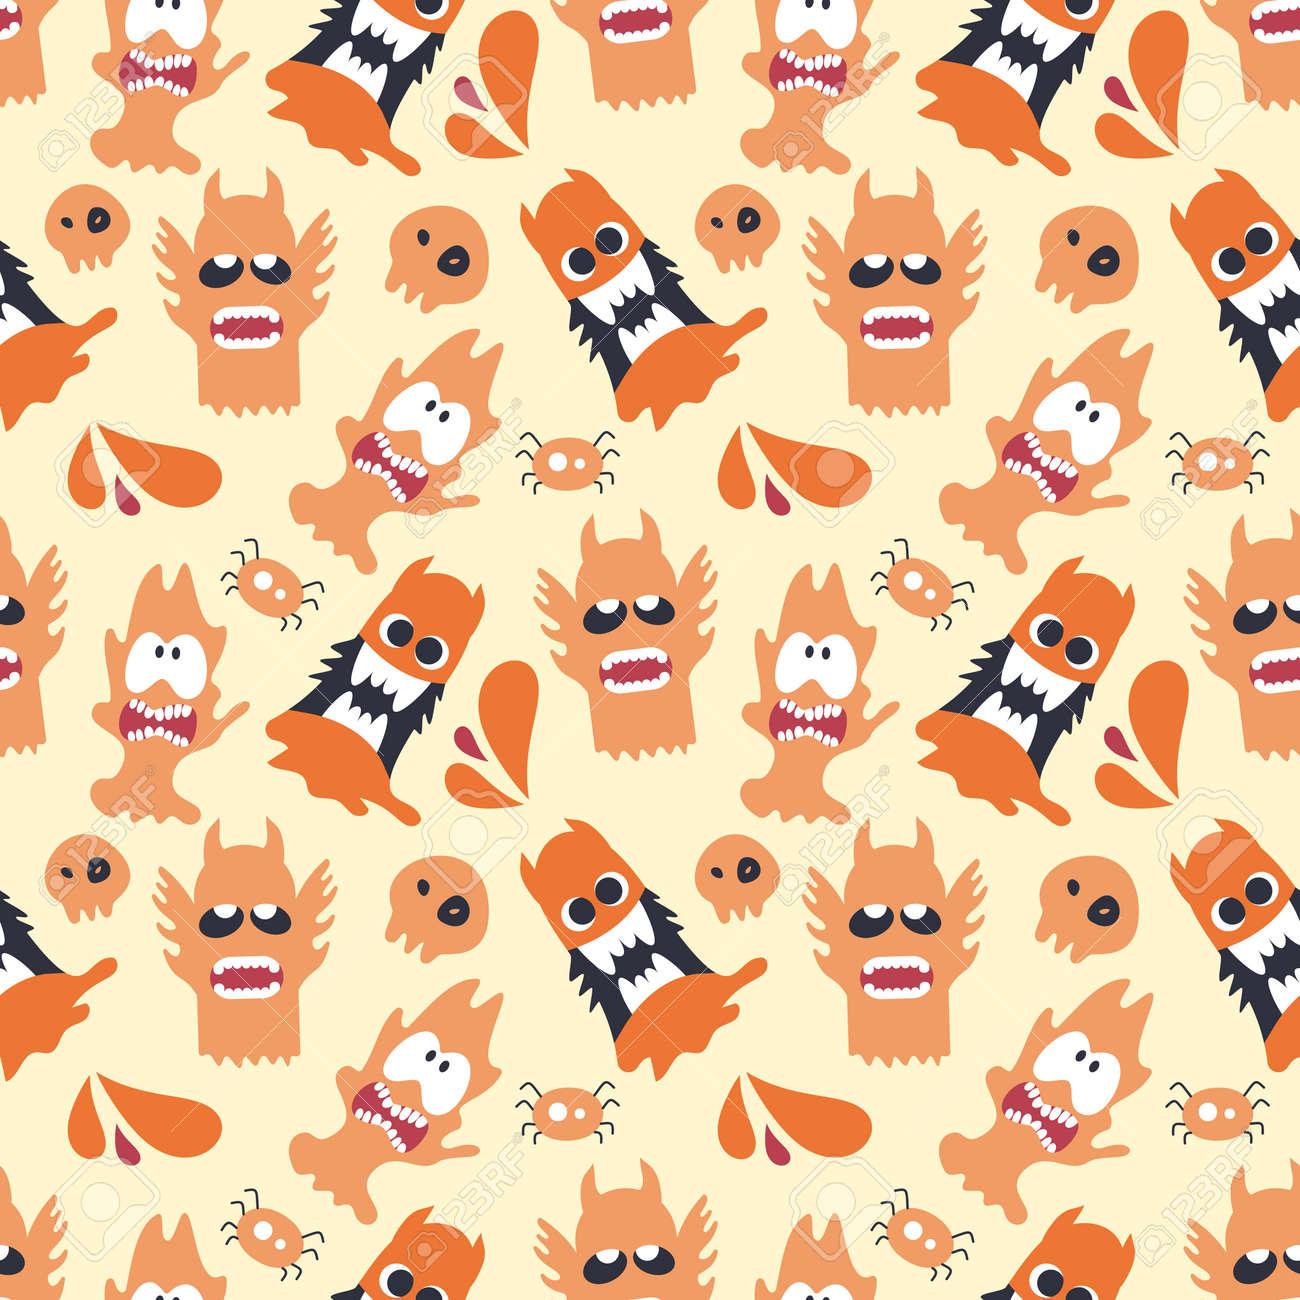 monster seamless pattern design. vector illustration - 167718280